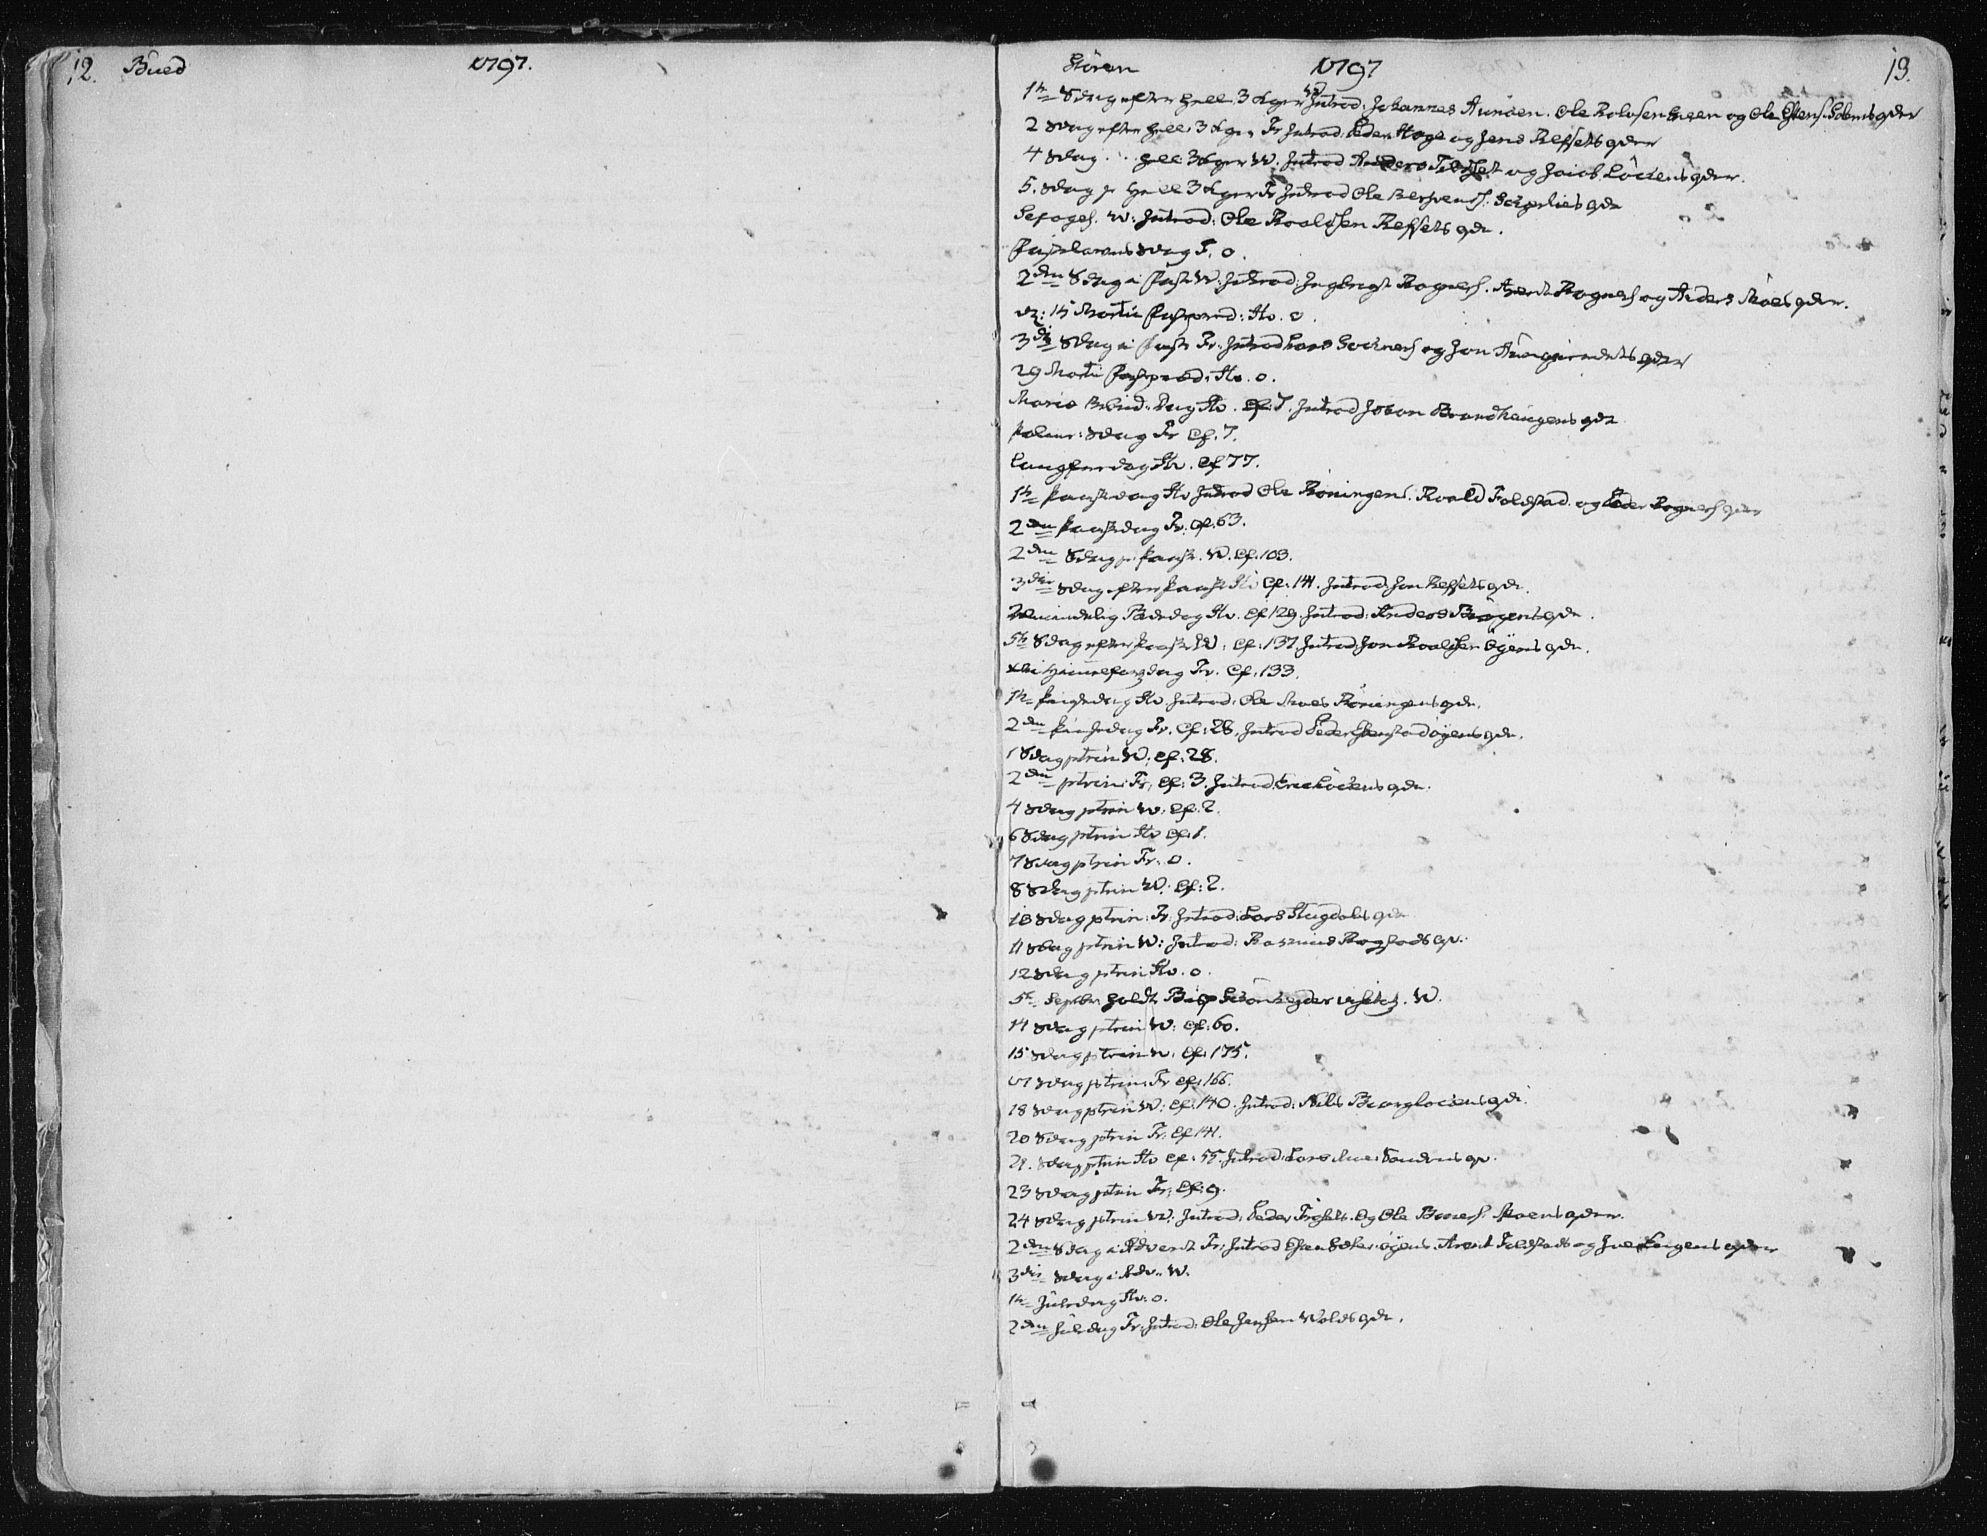 SAT, Ministerialprotokoller, klokkerbøker og fødselsregistre - Sør-Trøndelag, 687/L0992: Ministerialbok nr. 687A03 /1, 1788-1815, s. 12-13